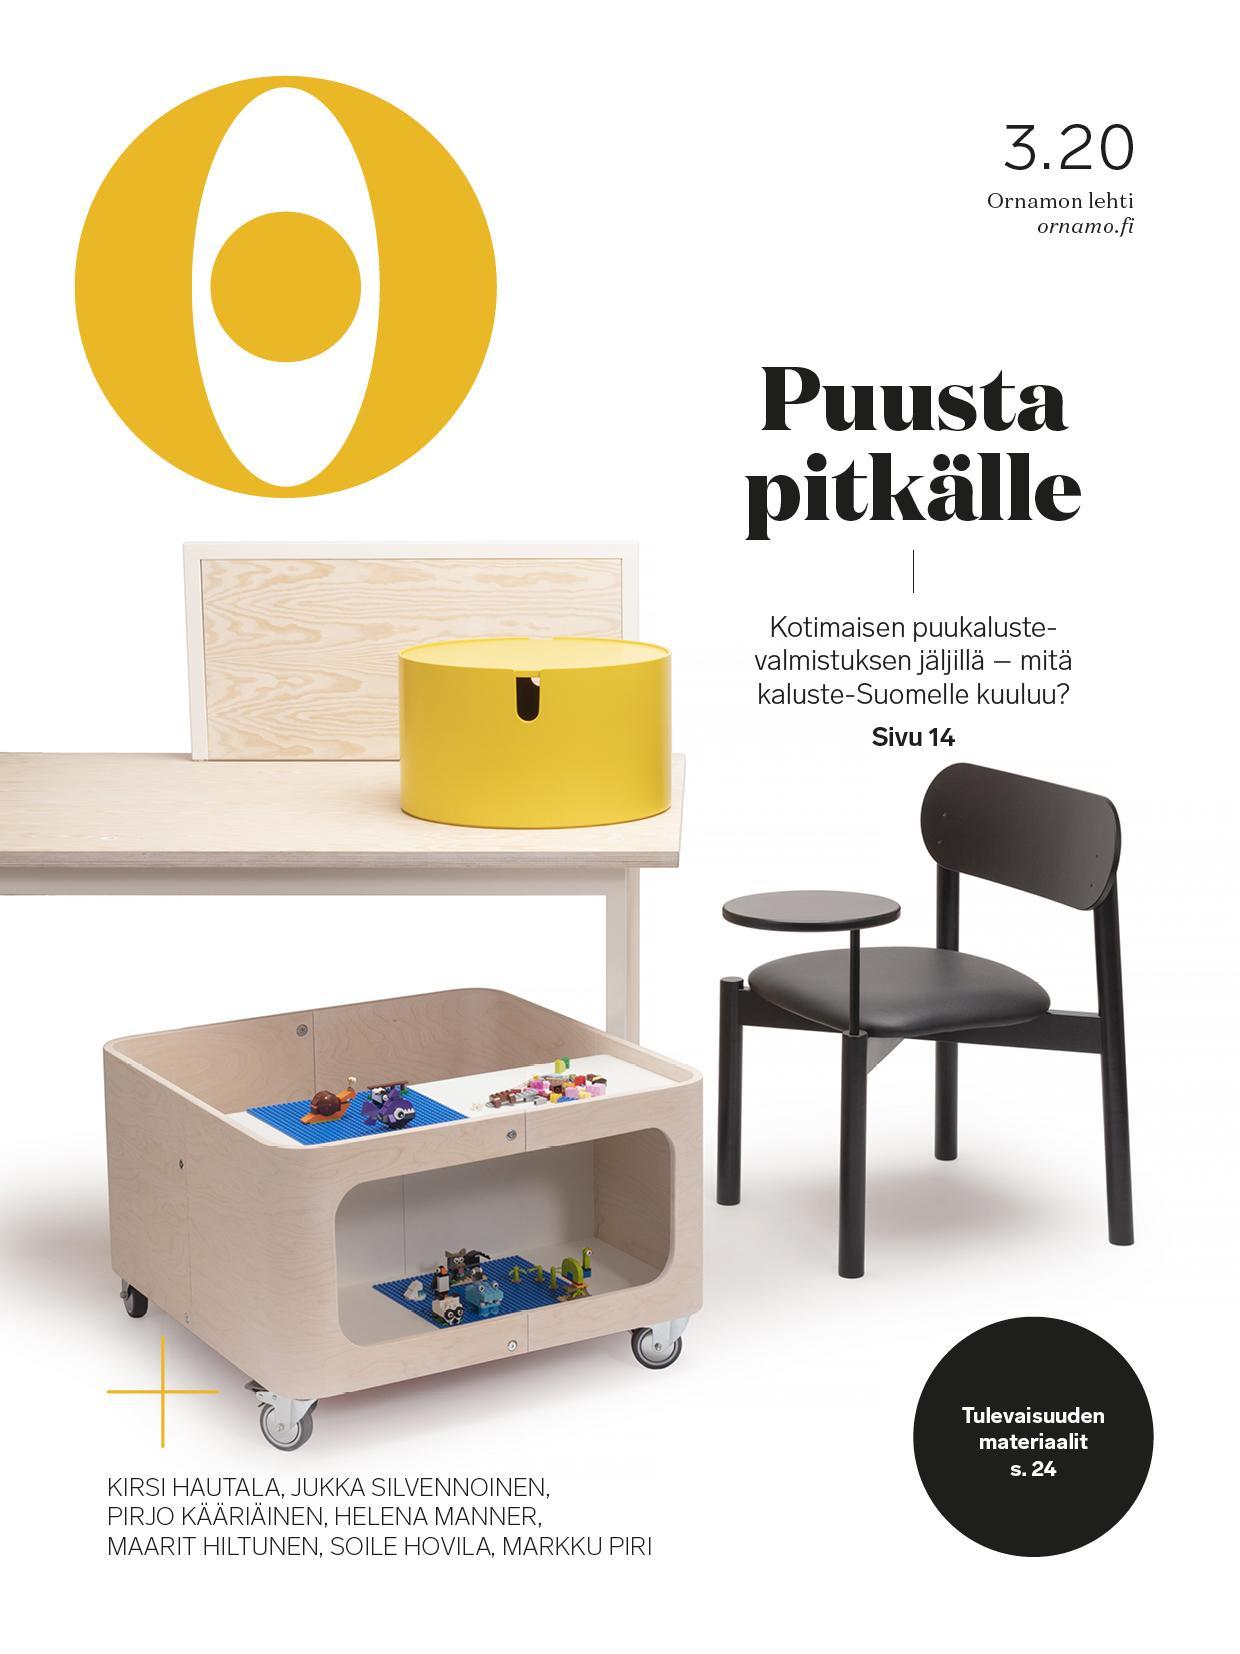 Ornamon lehden kansi 3/2020